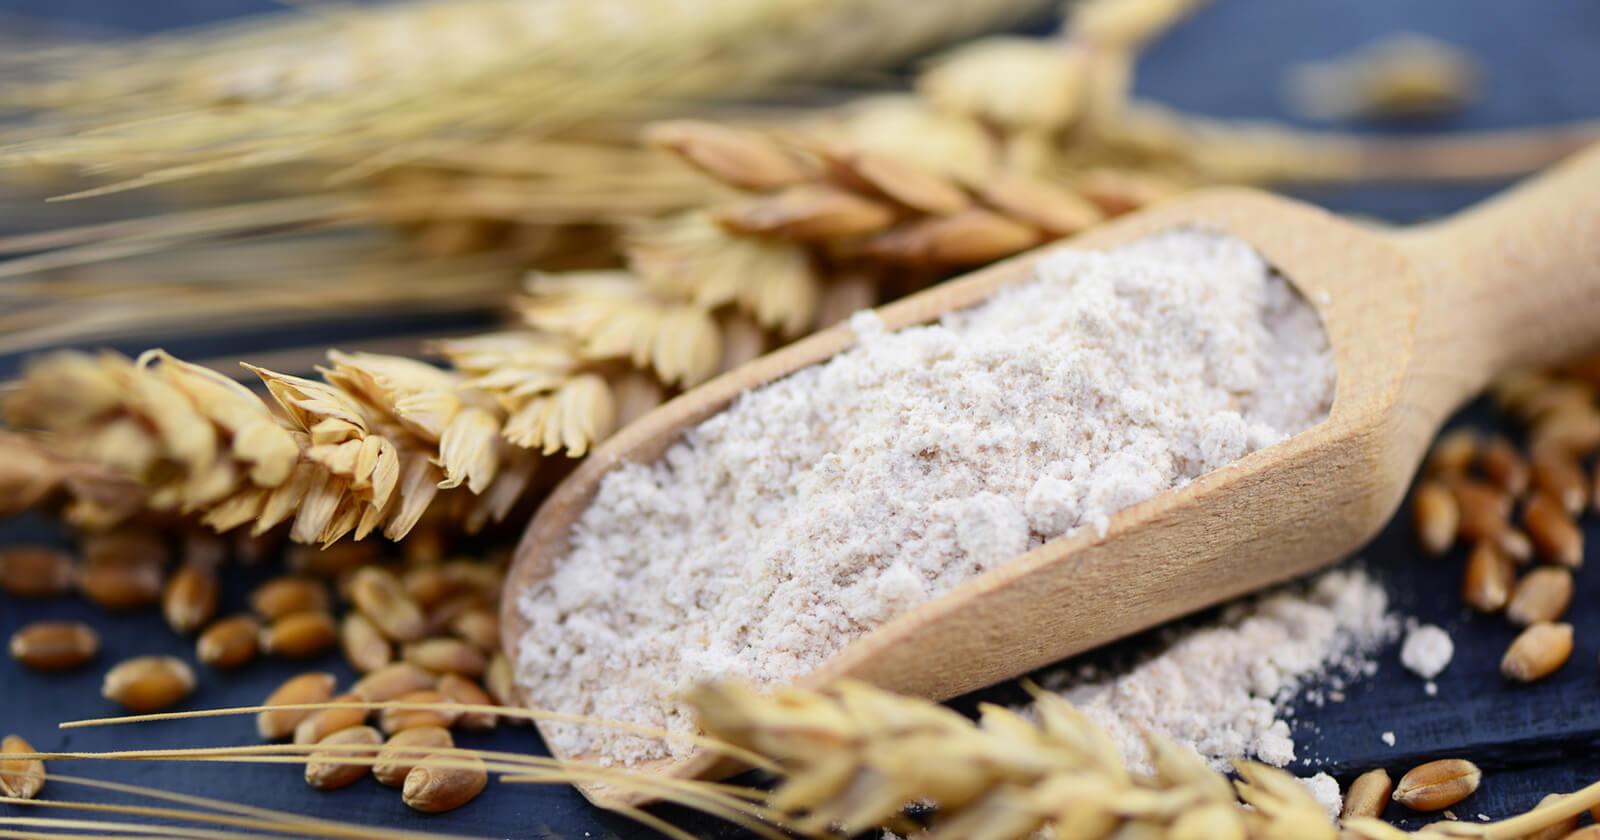 Getreide als Hausmittel bei Hämorrhoiden